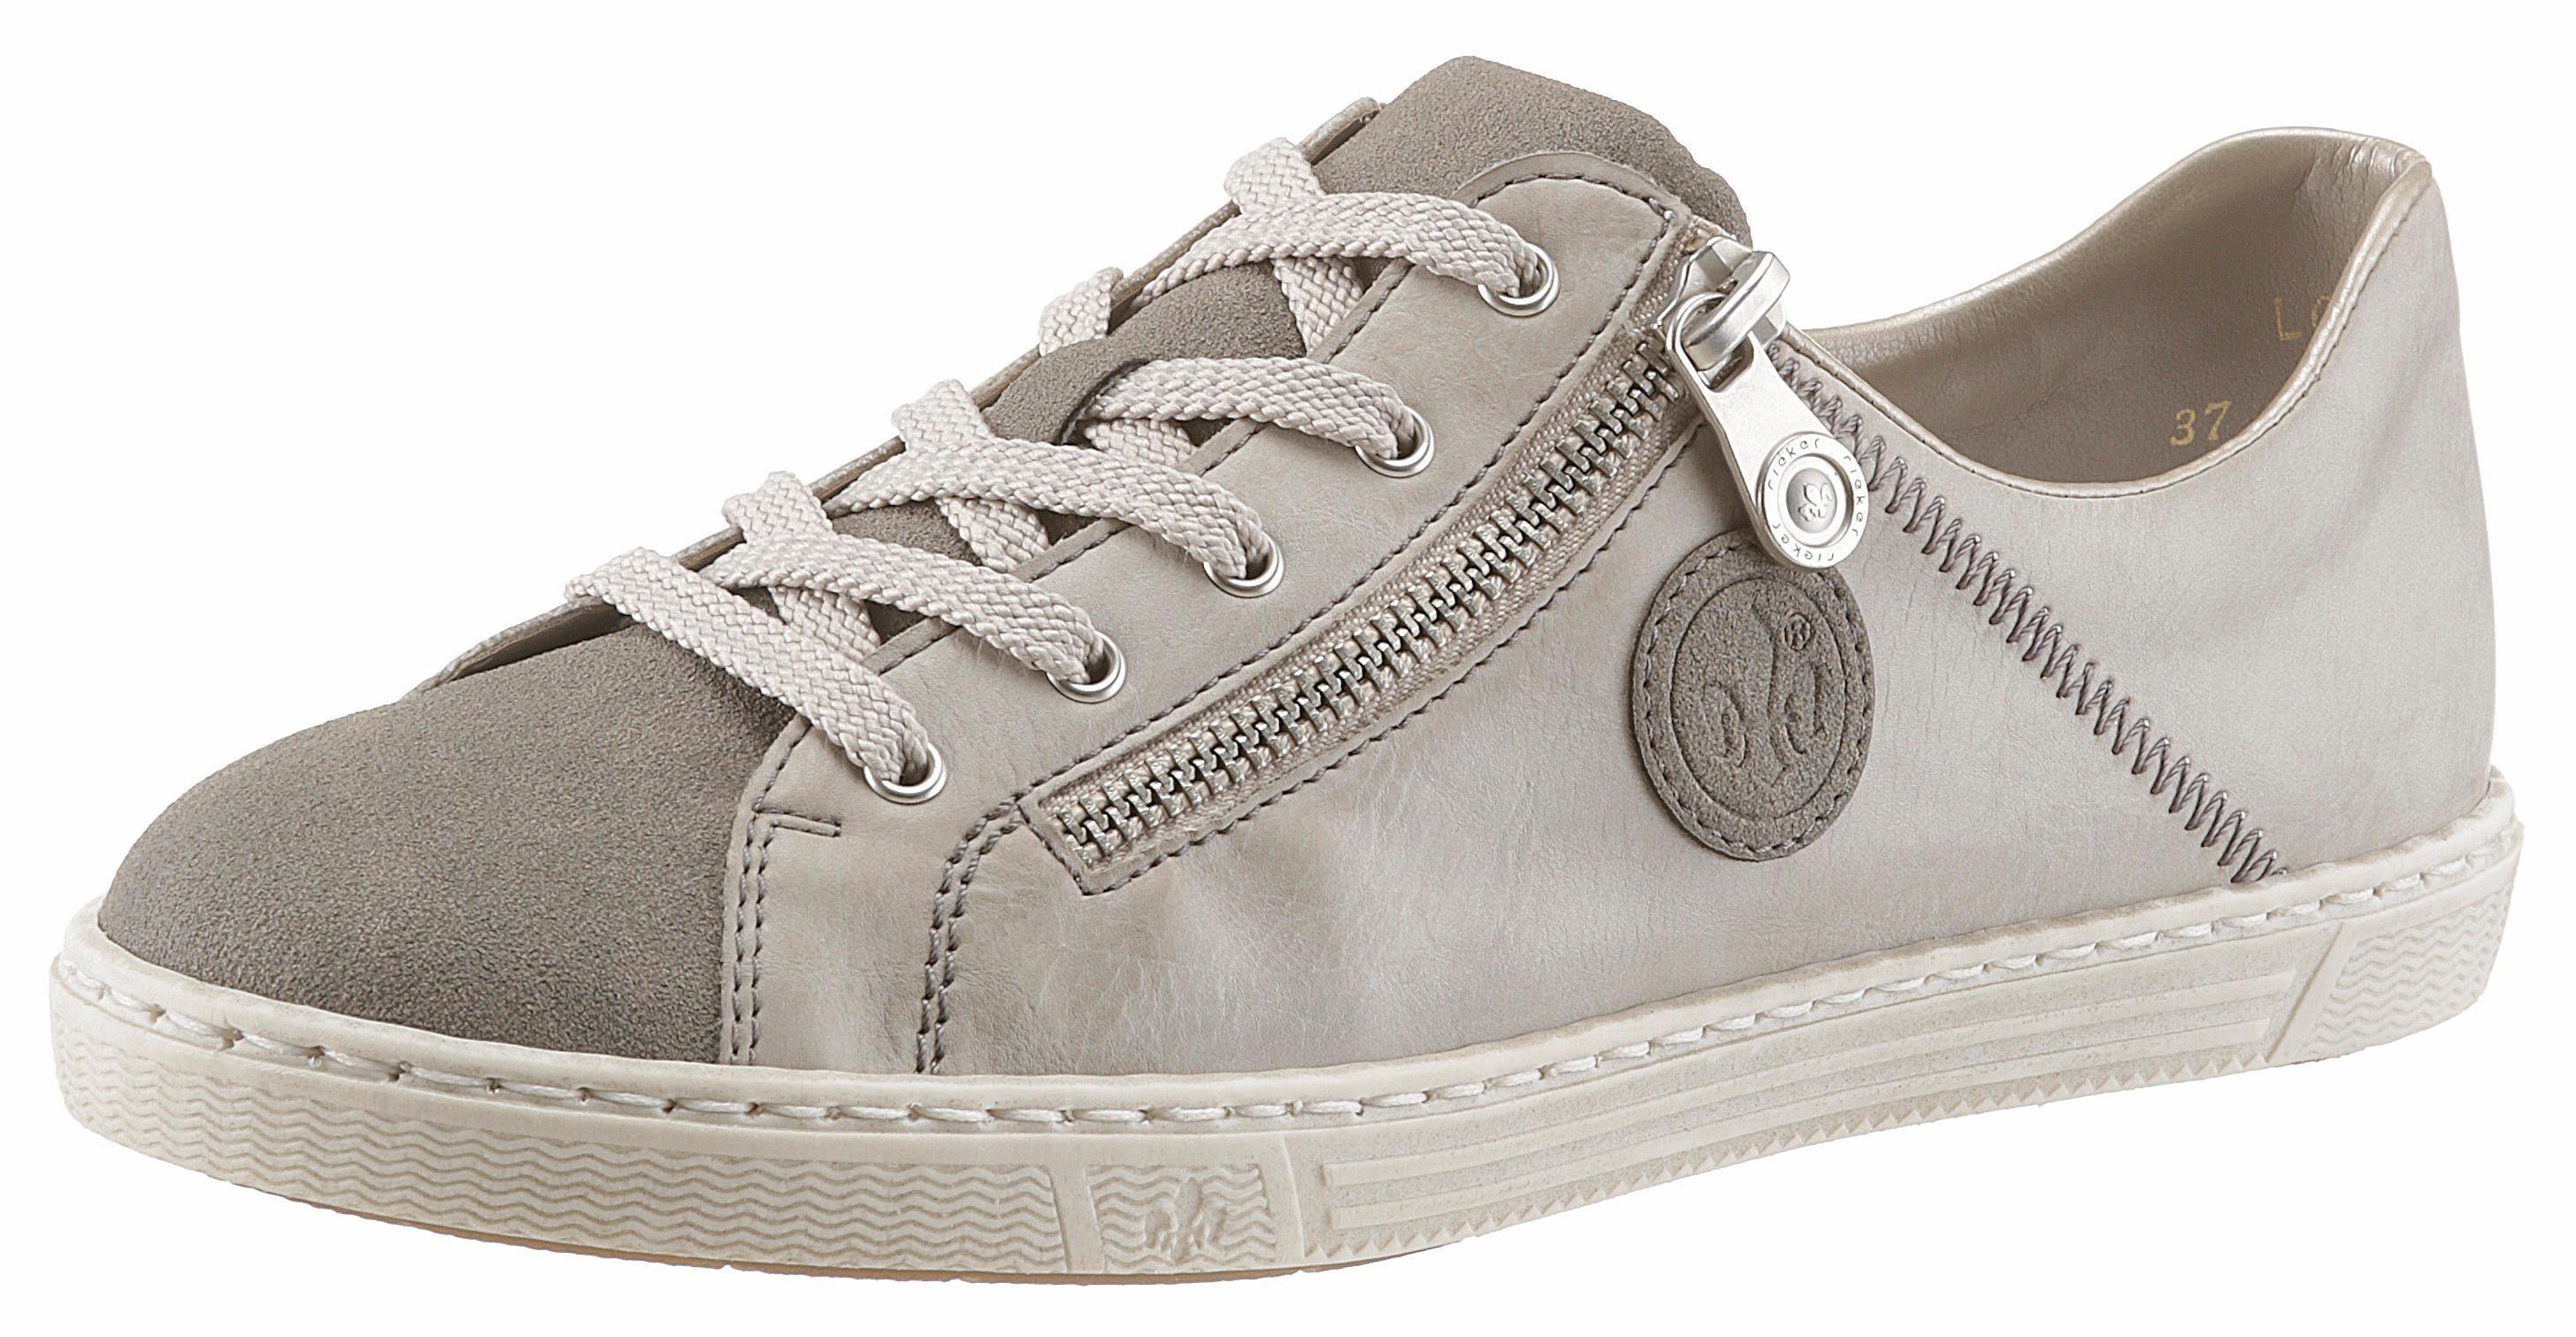 Rieker Sneaker, seitlich mit Metallic verziert, blau, 40 40